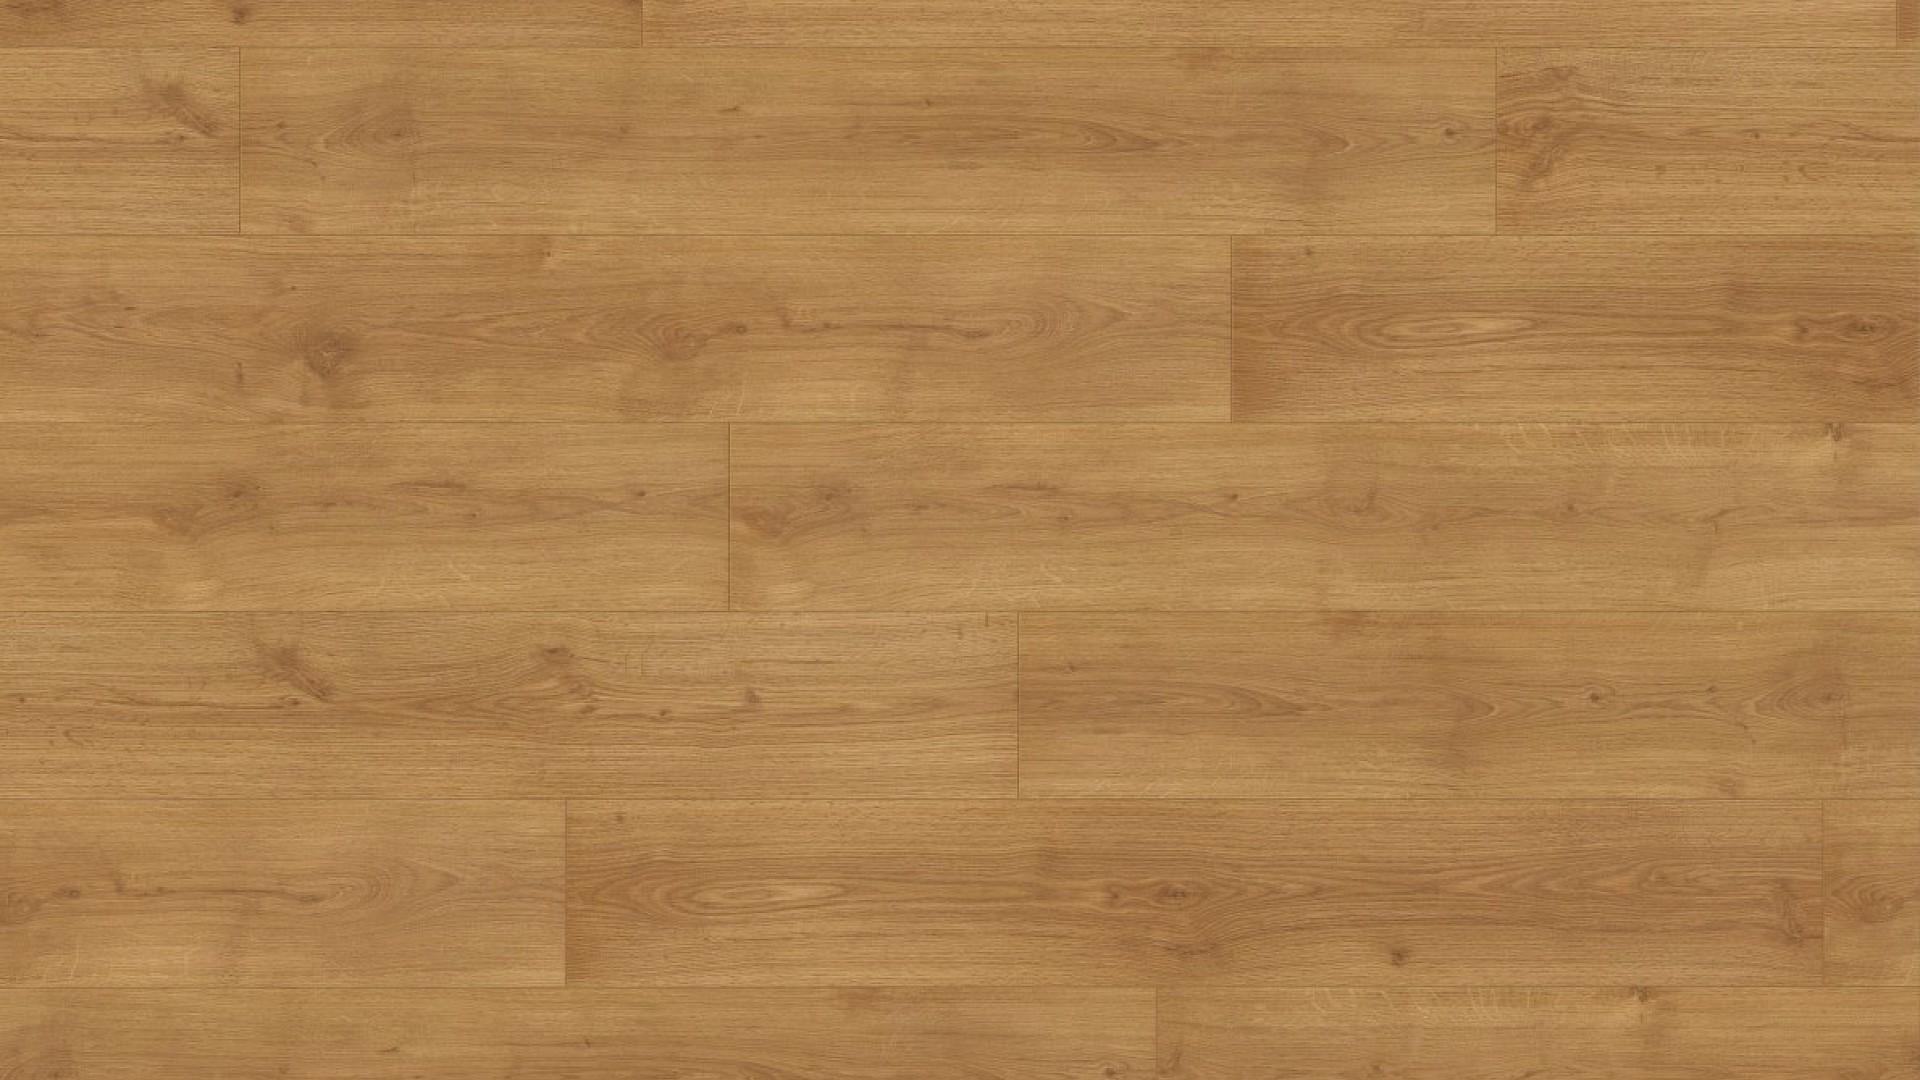 Egger Classic 7mm Oak Planked Honey 4V Laminate Flooring EPL020